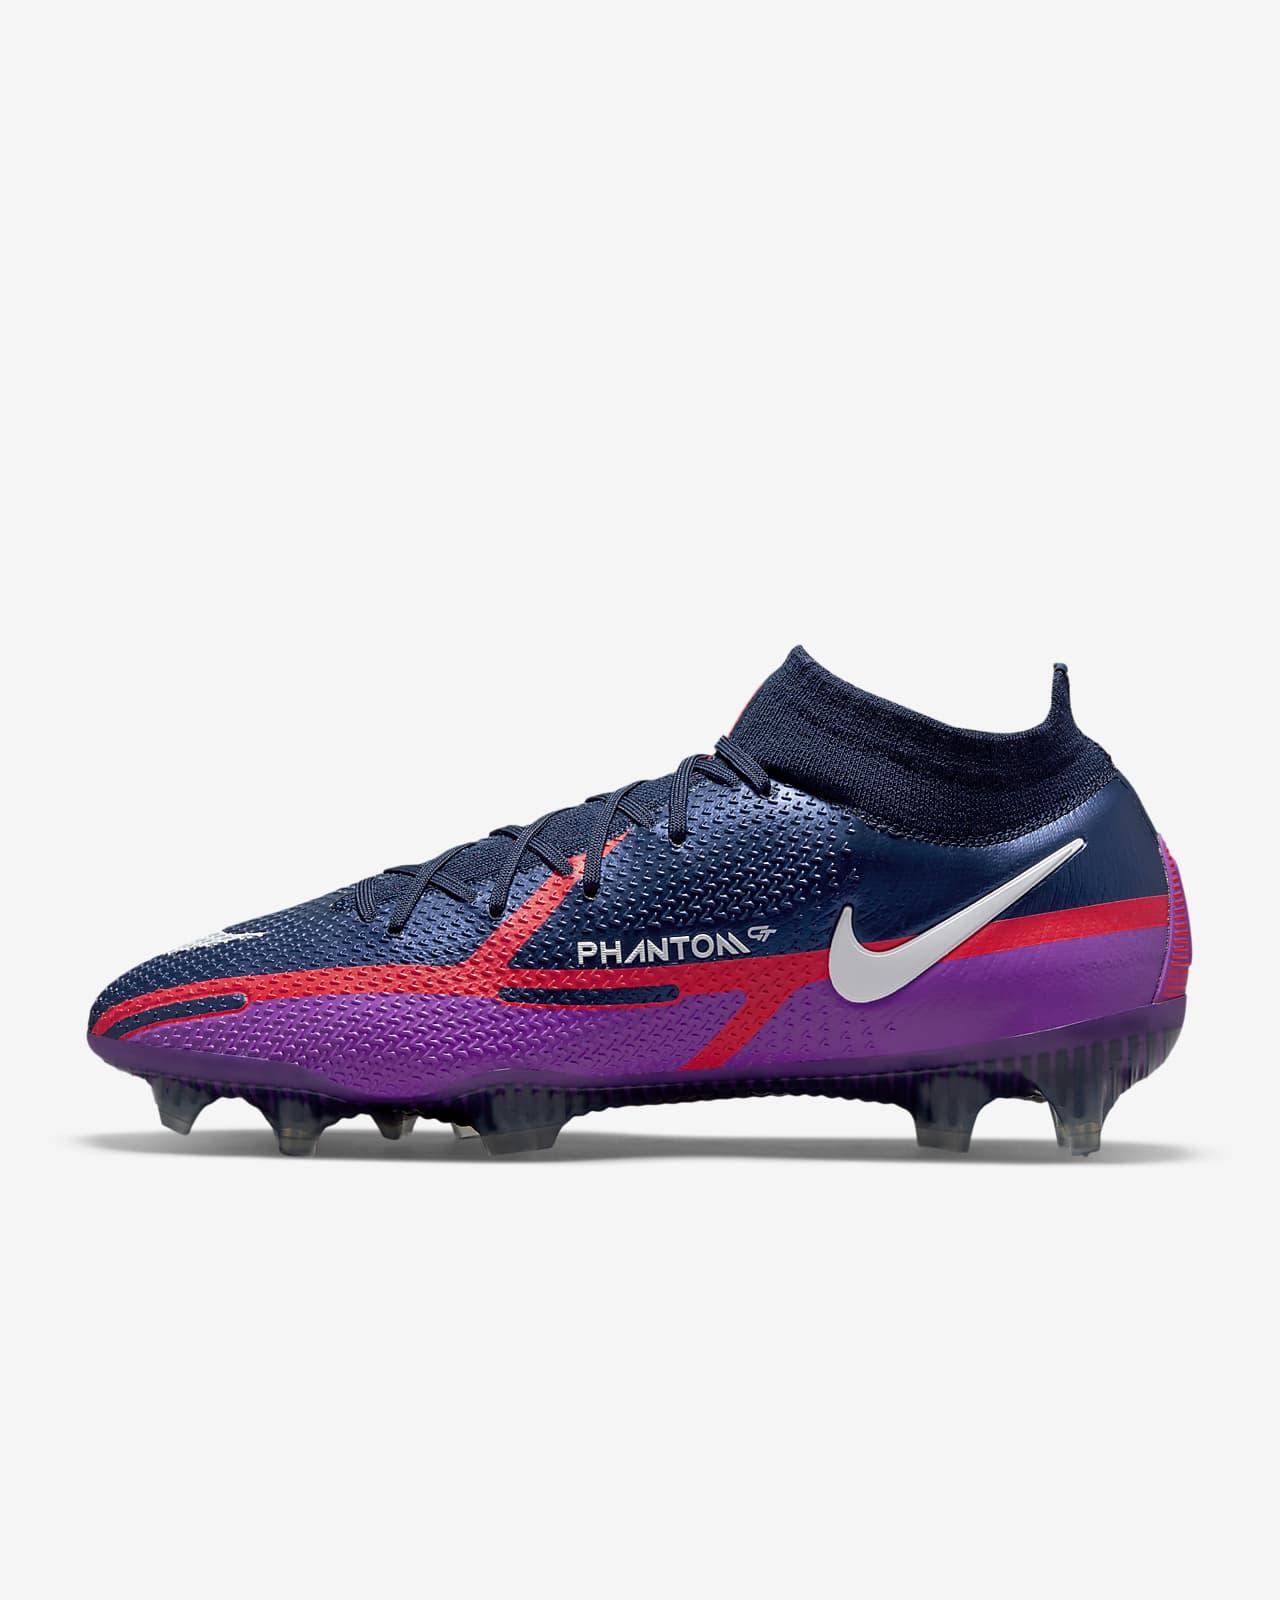 Nike Phantom GT2 Dynamic Fit Elite FG Fußballschuh für normalen Rasen